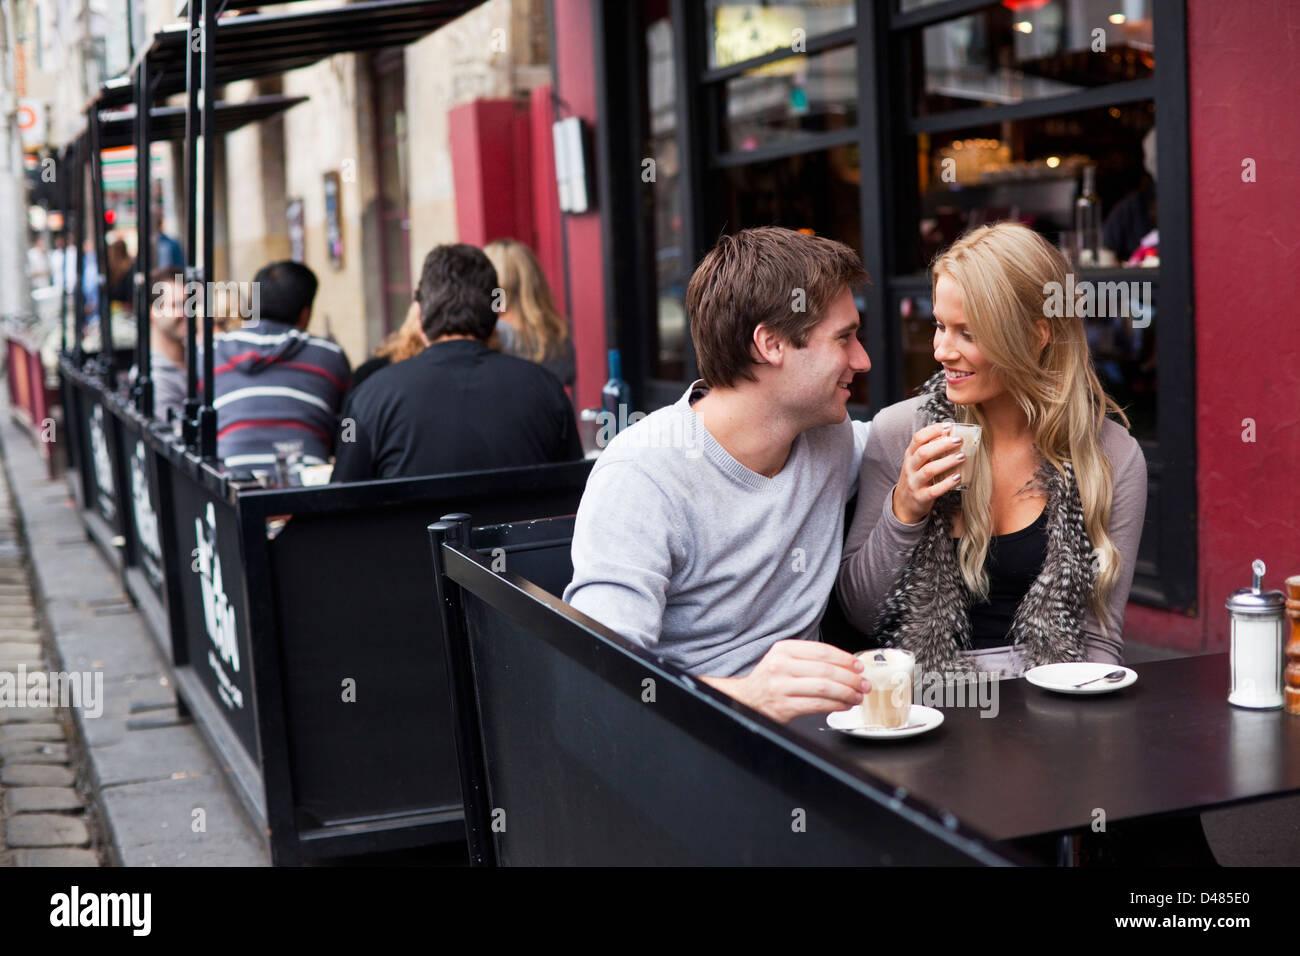 Coppia giovane rilassante in cafe. Fitzroy, Melbourne, Victoria, Australia Immagini Stock